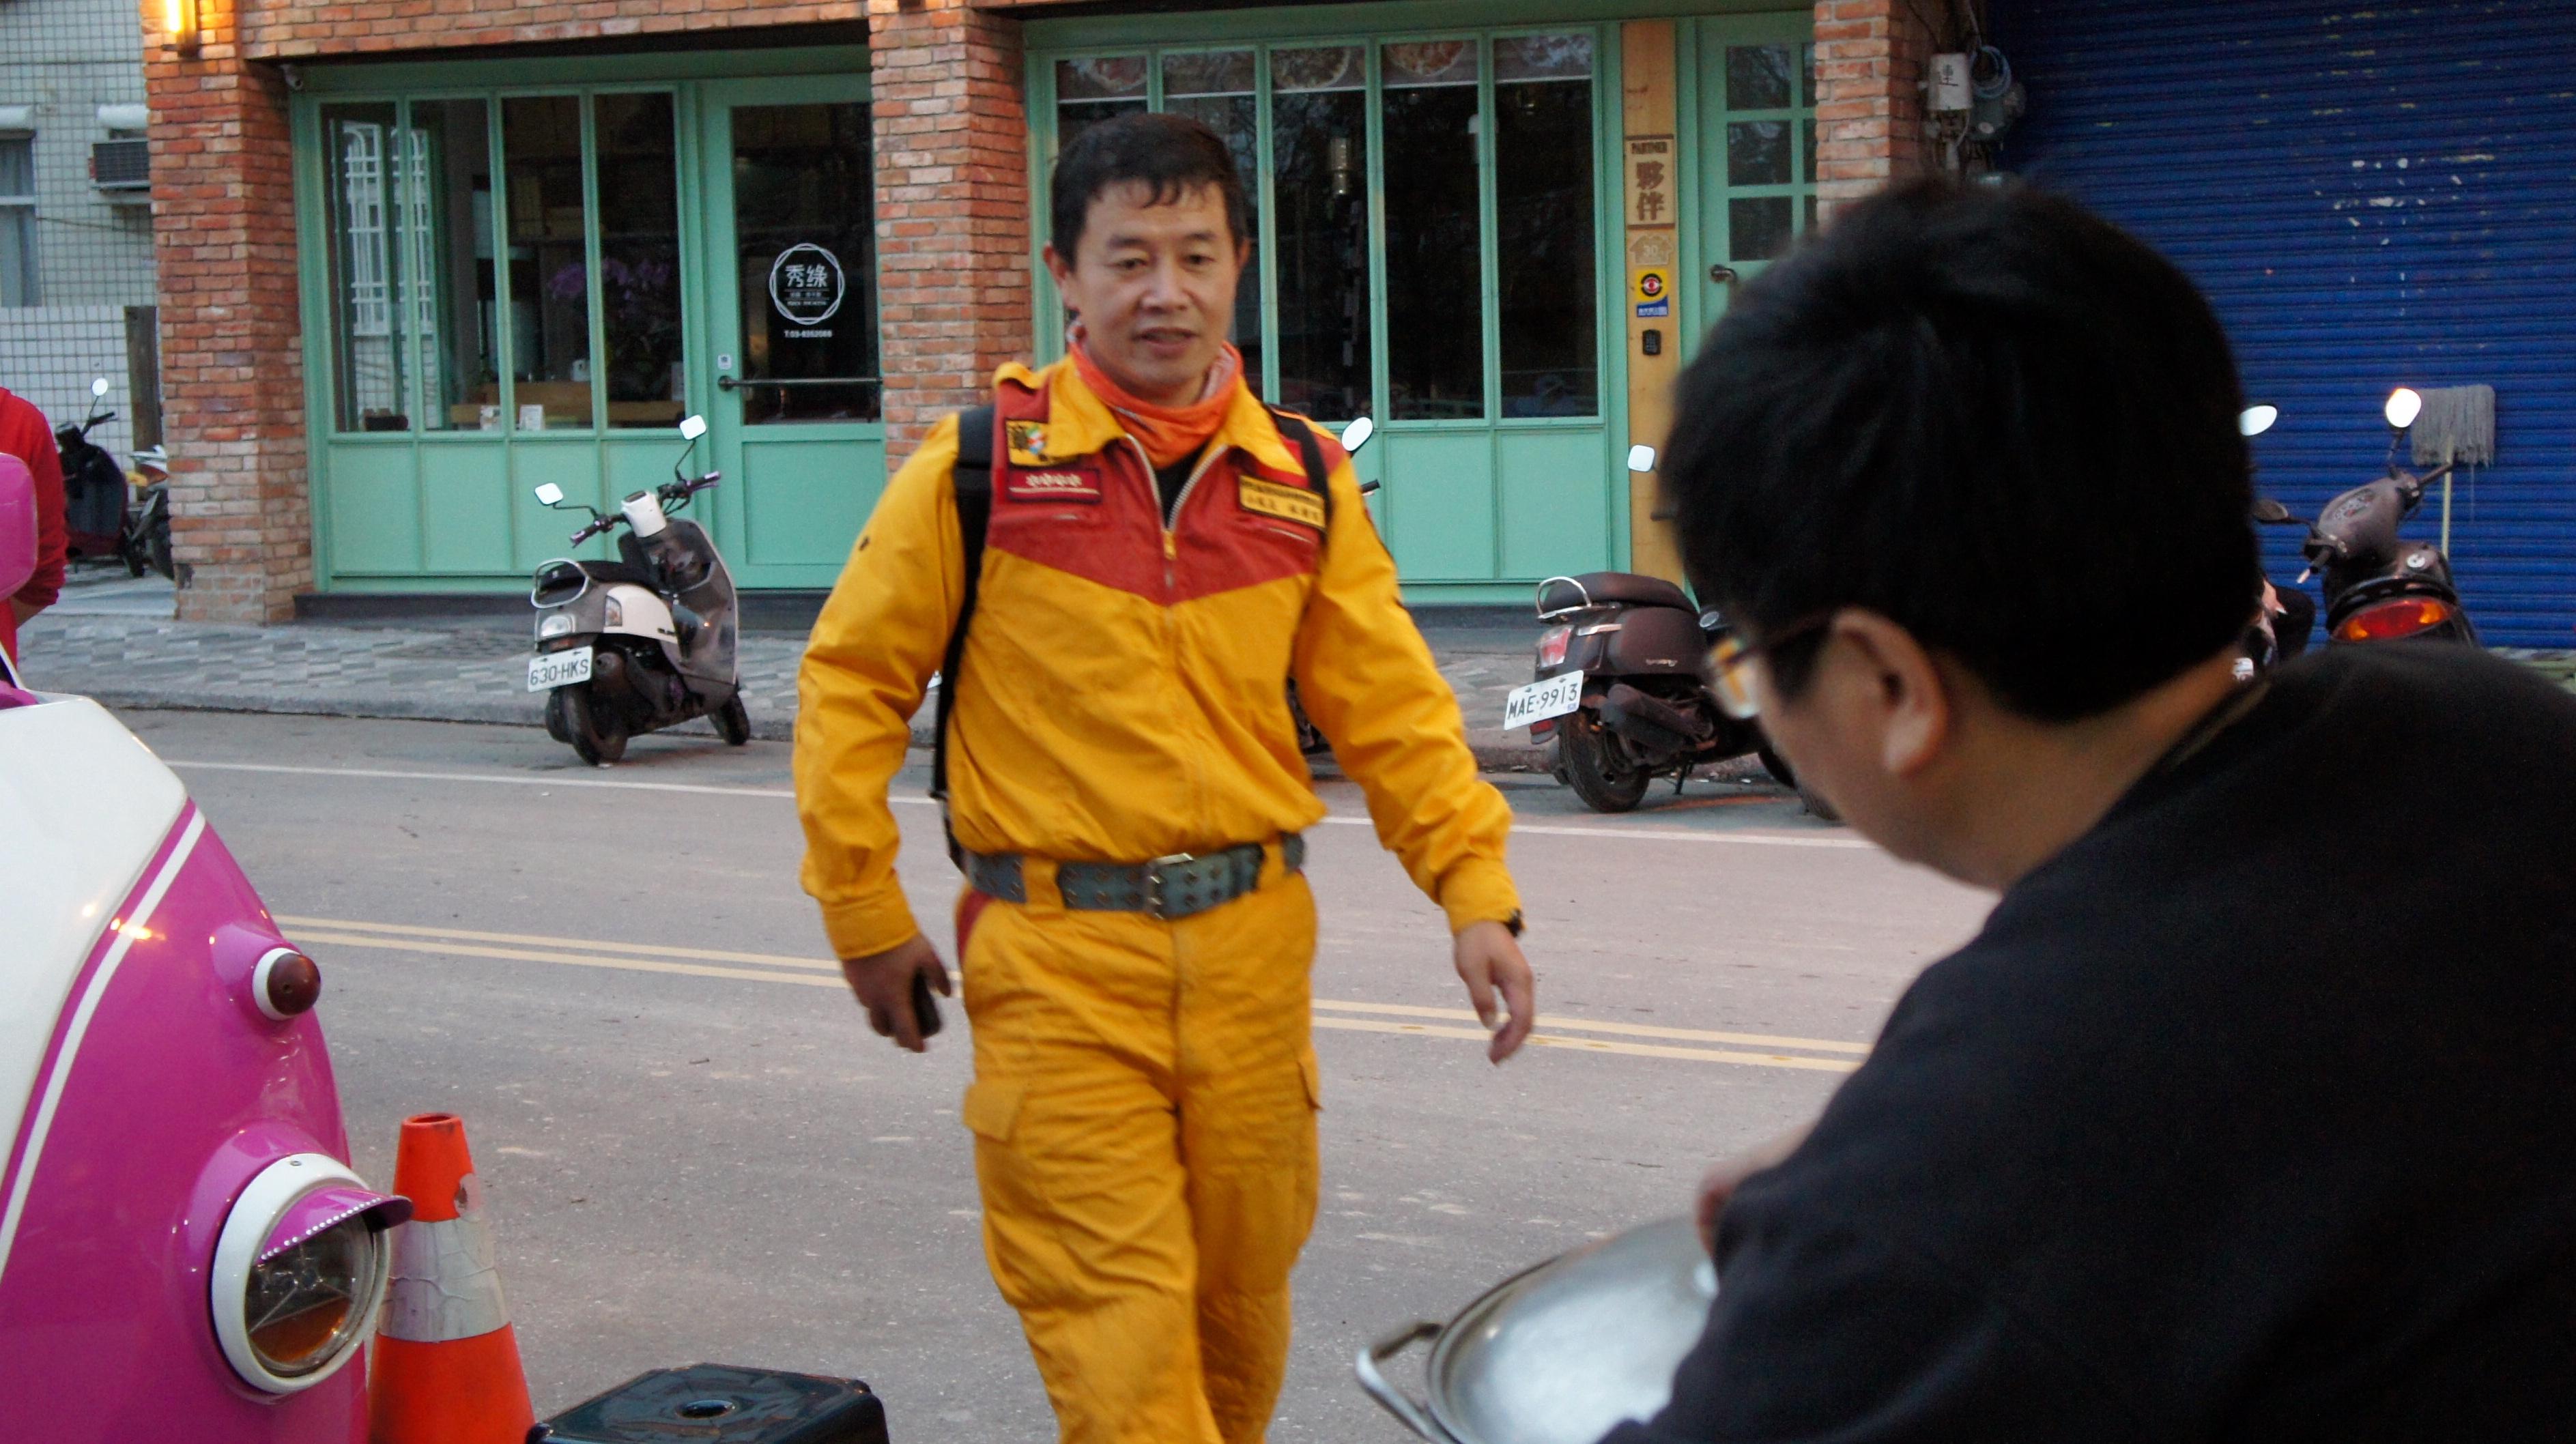 温かいジンジャー・ティーをもらいに来る救助隊員=2月9日午後5時半ごろ、花蓮市